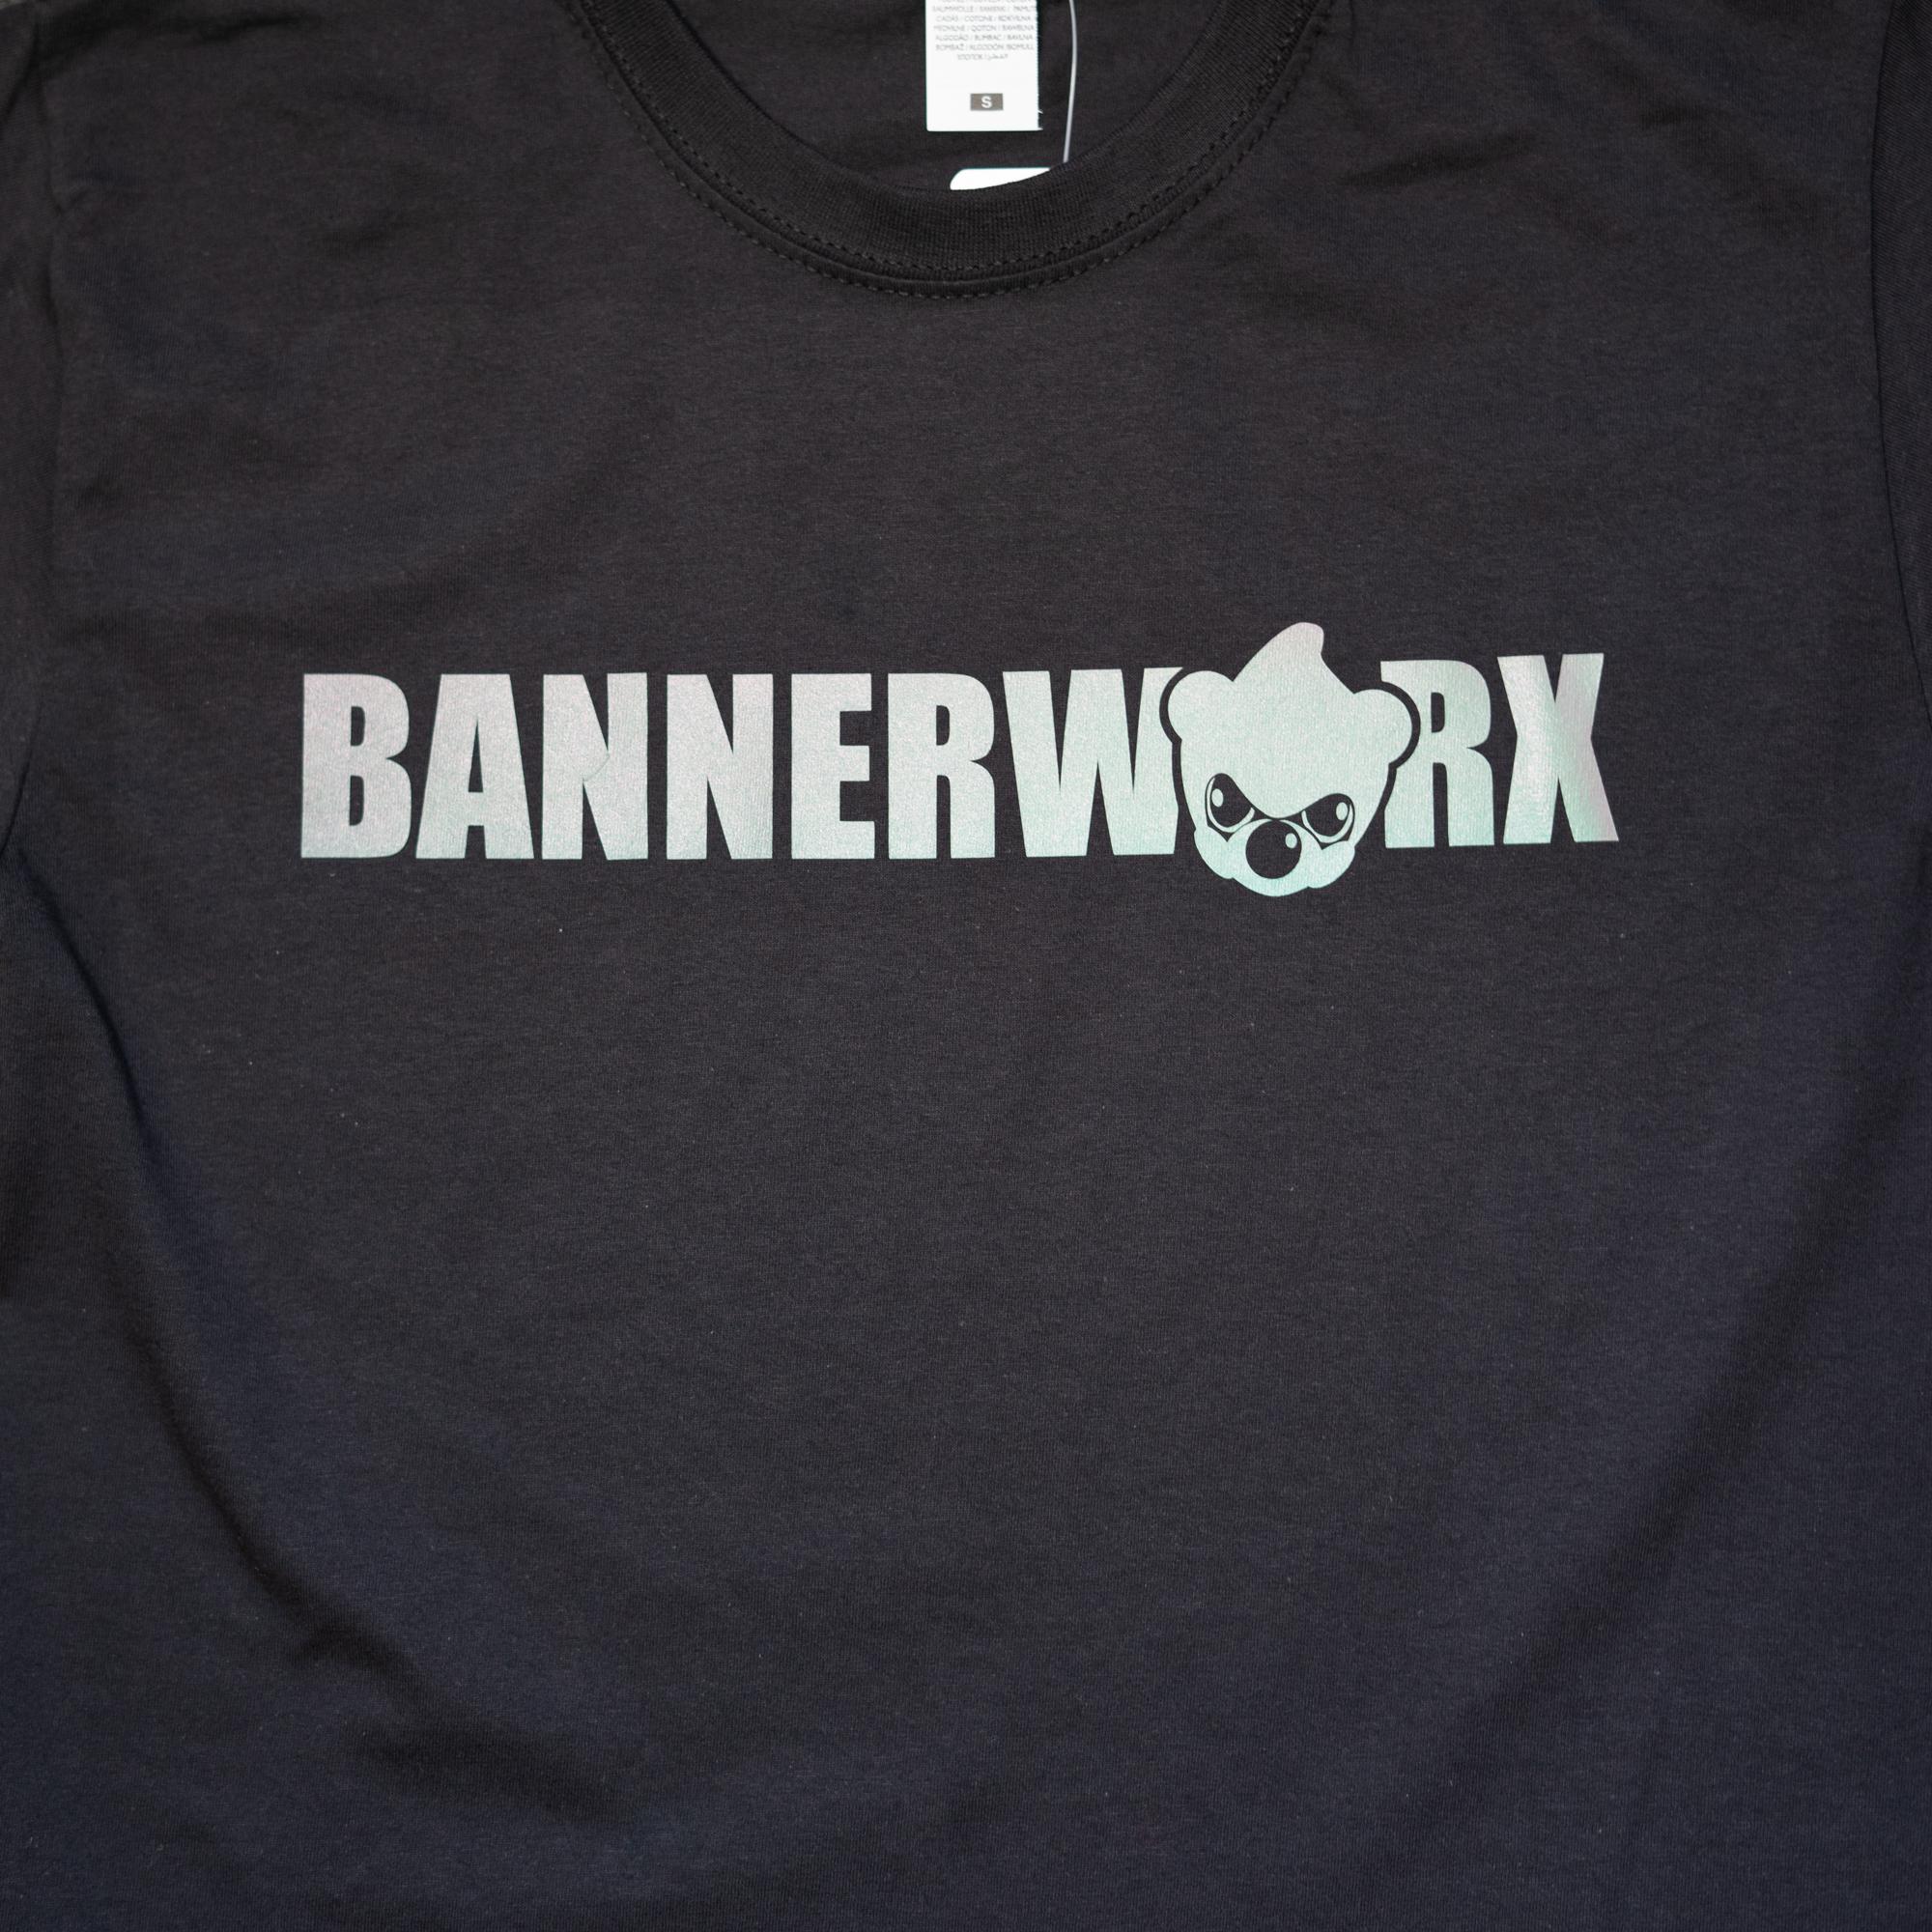 BANNERWORX-Chameleon3